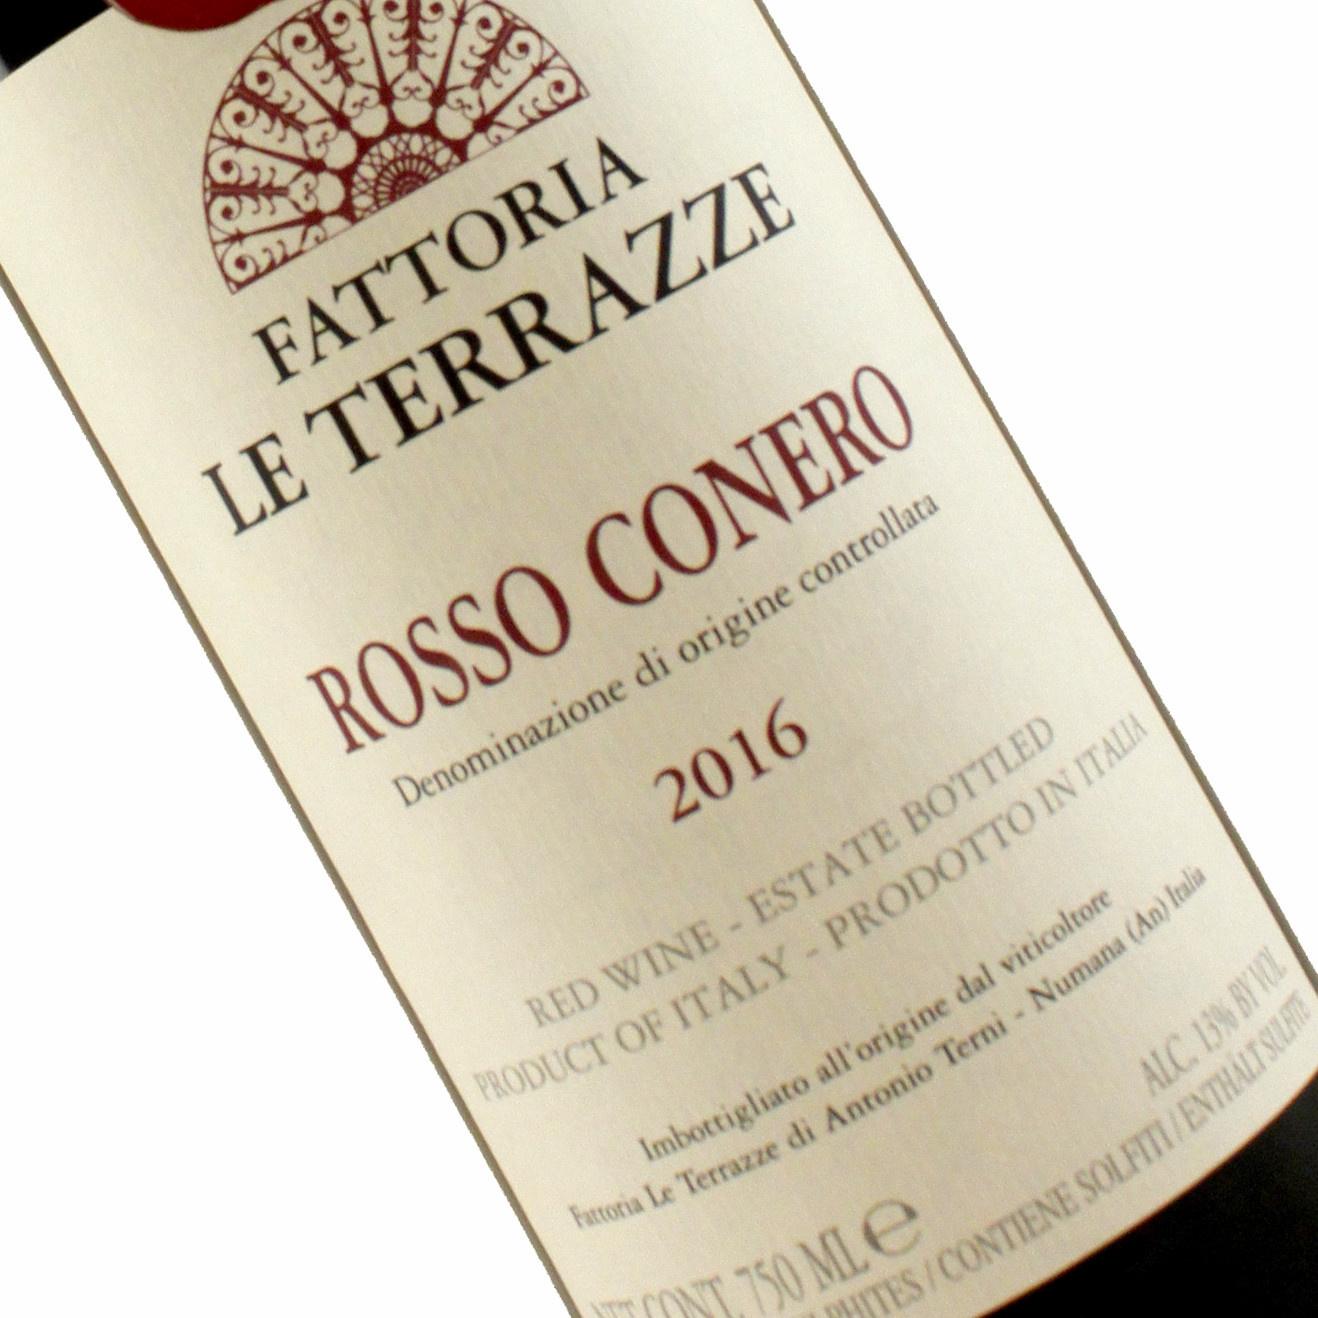 Fattoria Le Terrazze 2016 Rosso Conero, Marche